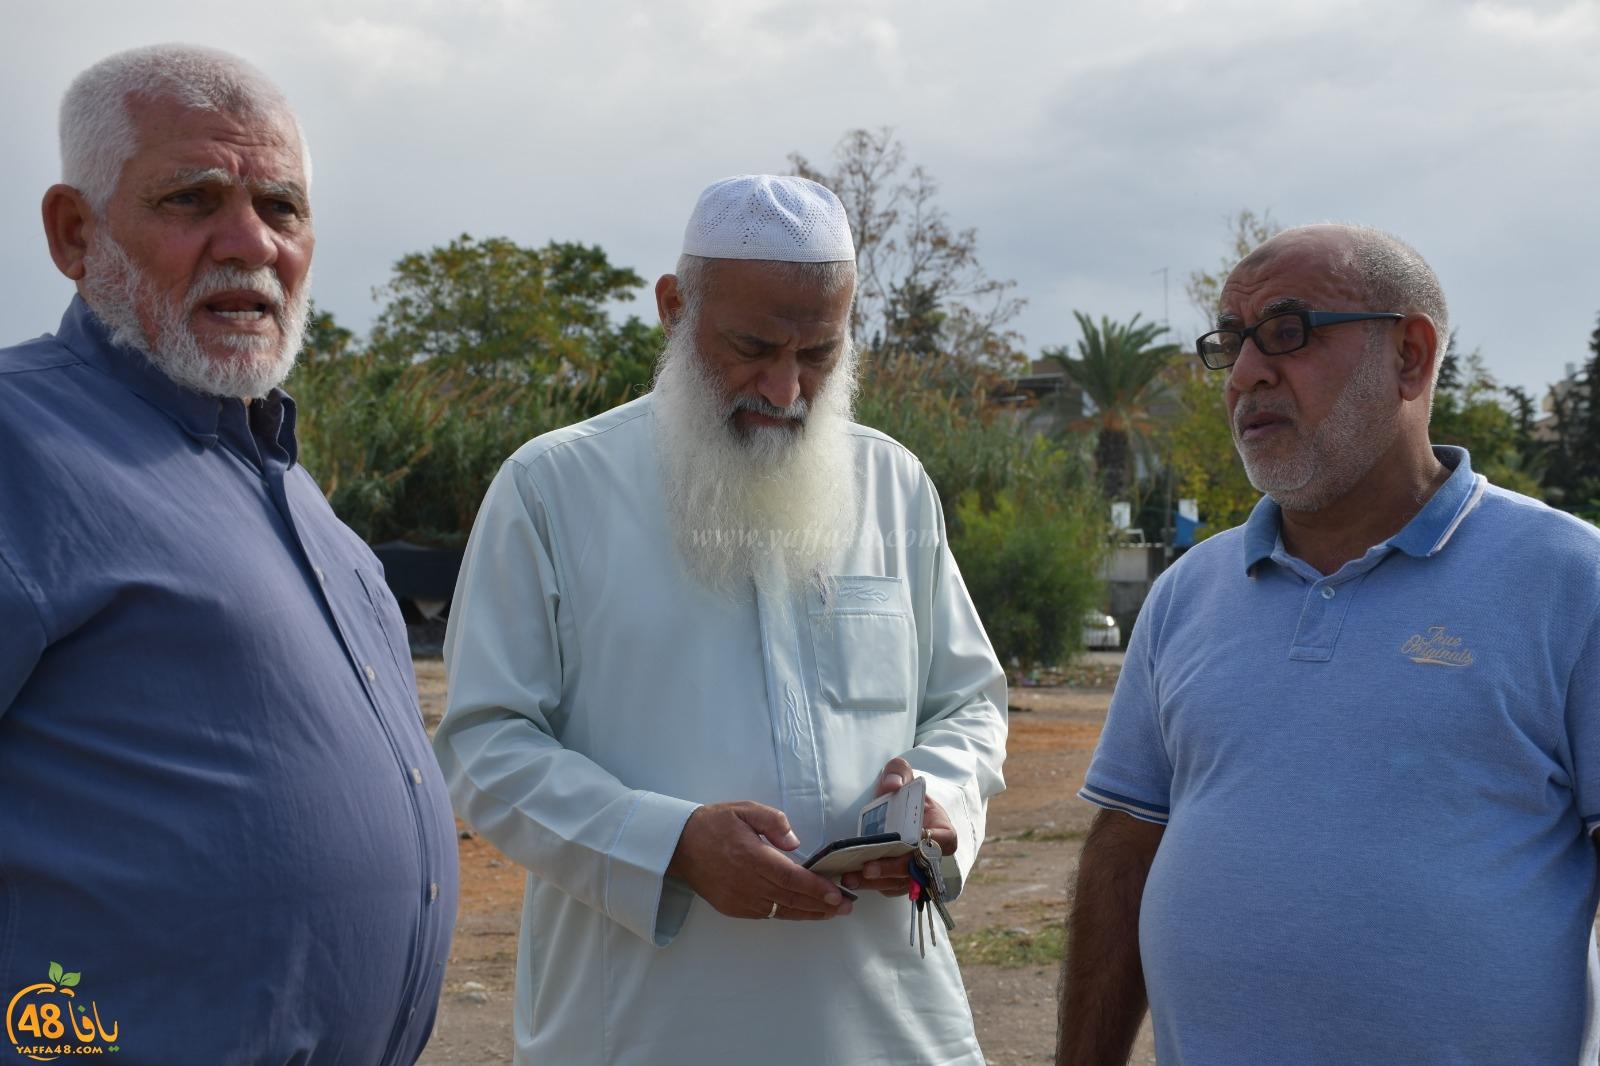 فيديو: تبرّعوا لانجاح معسكر الرباط للحفاظ على المقدسات الاسلامية في اللد